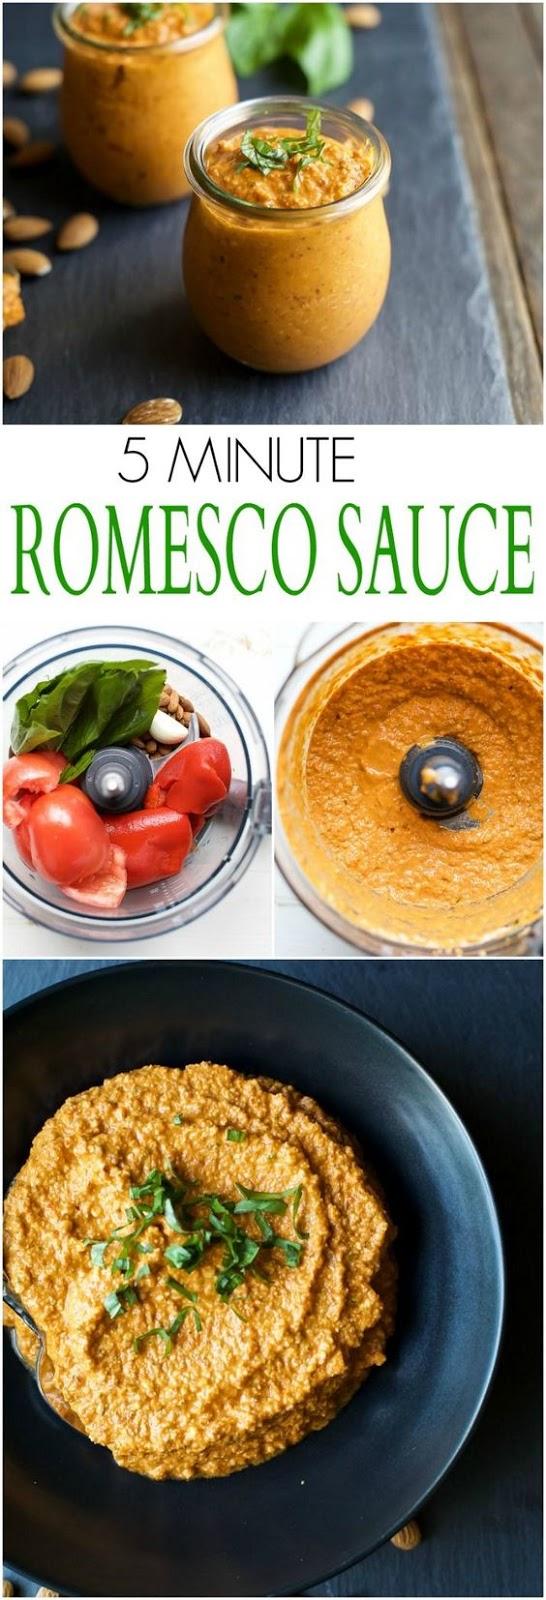 5 Minute Romesco Sauce